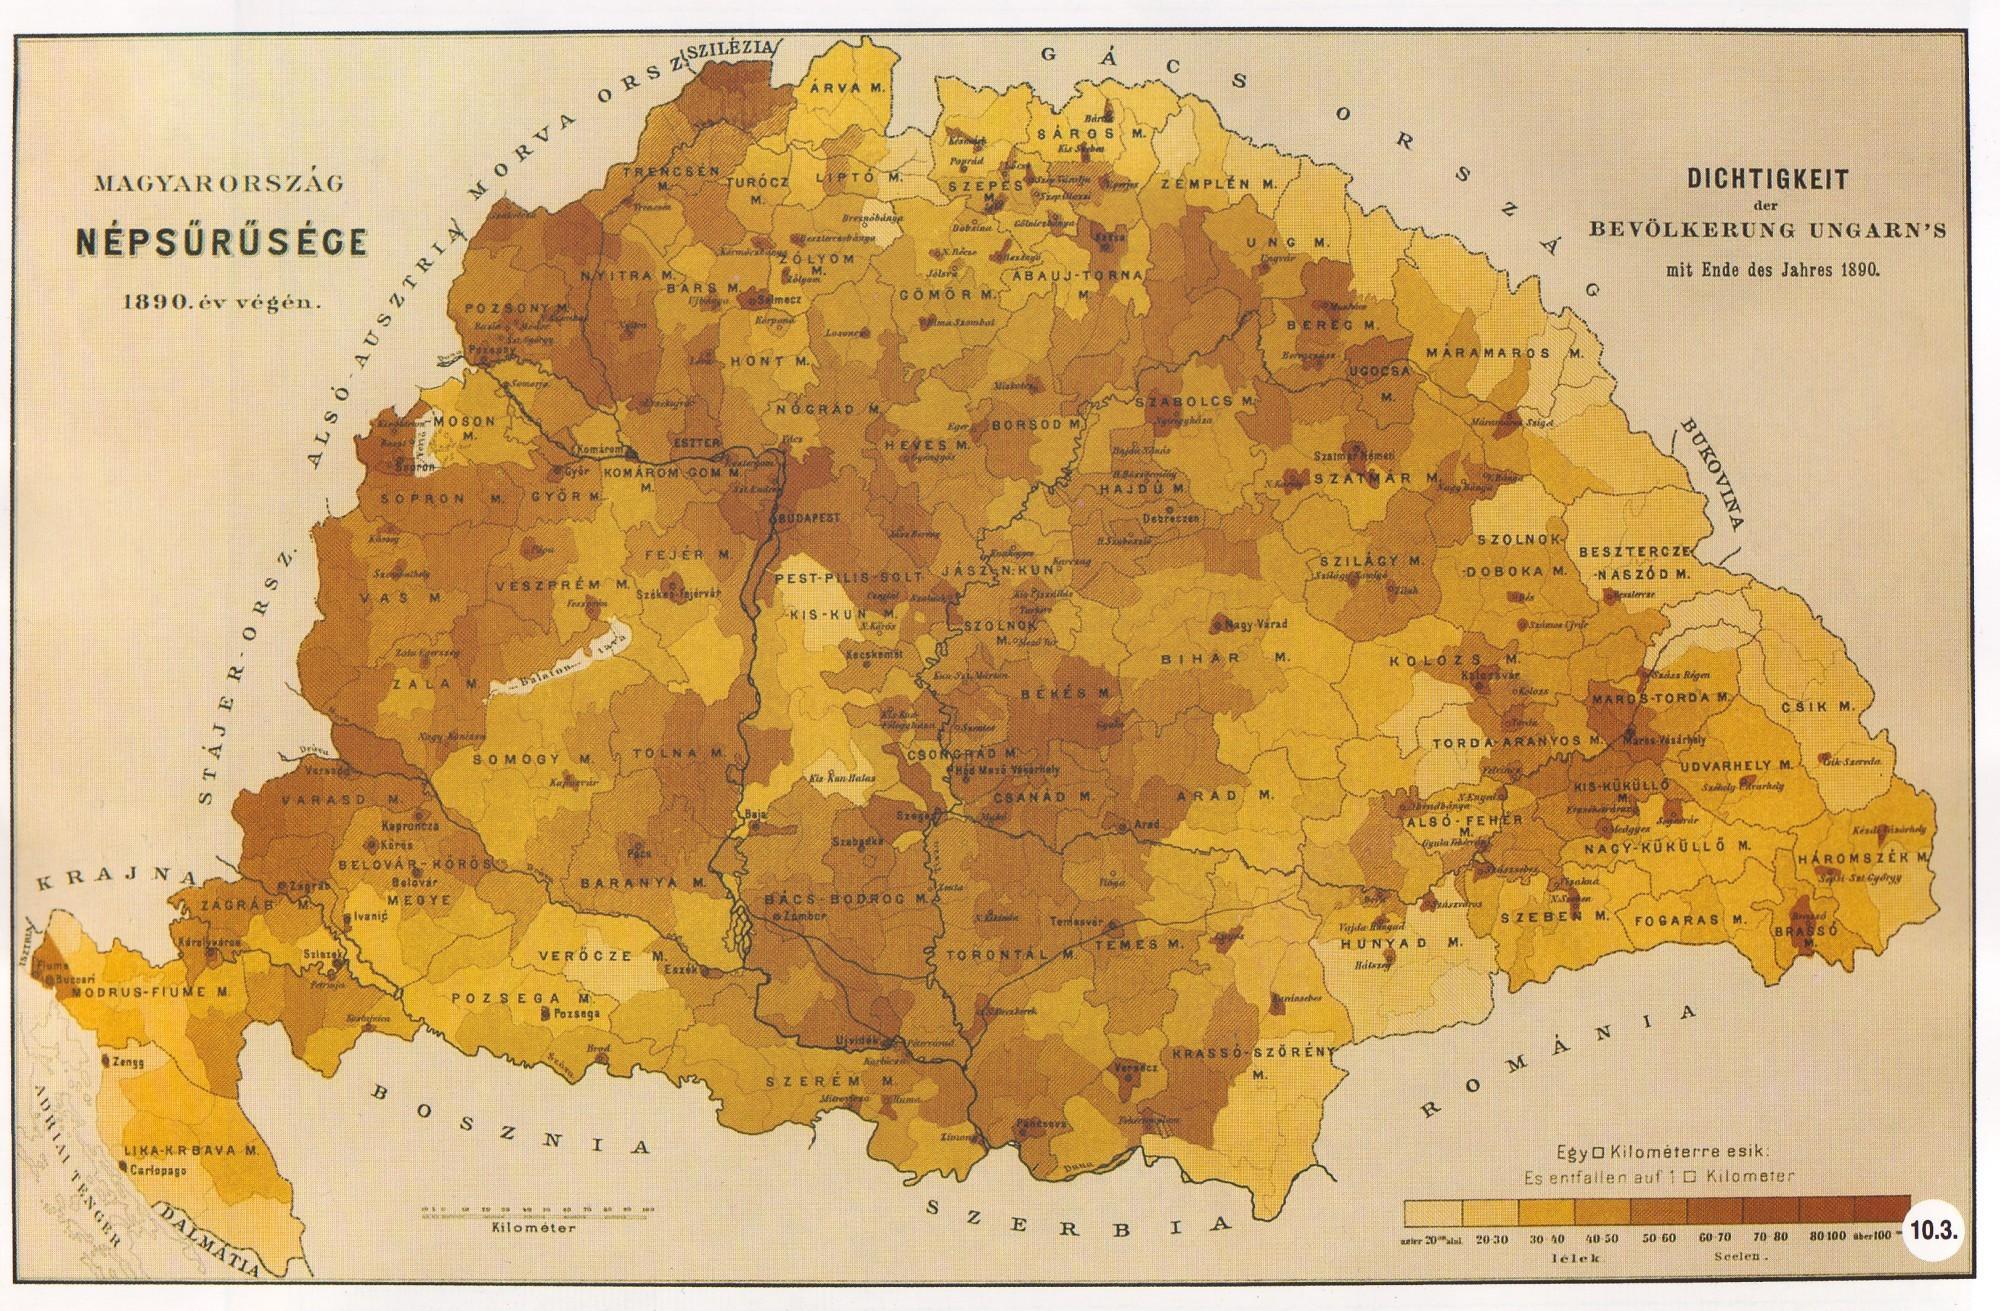 magyarország térkép 1980 Magyar Történelem és Kultúra magyarország térkép 1980